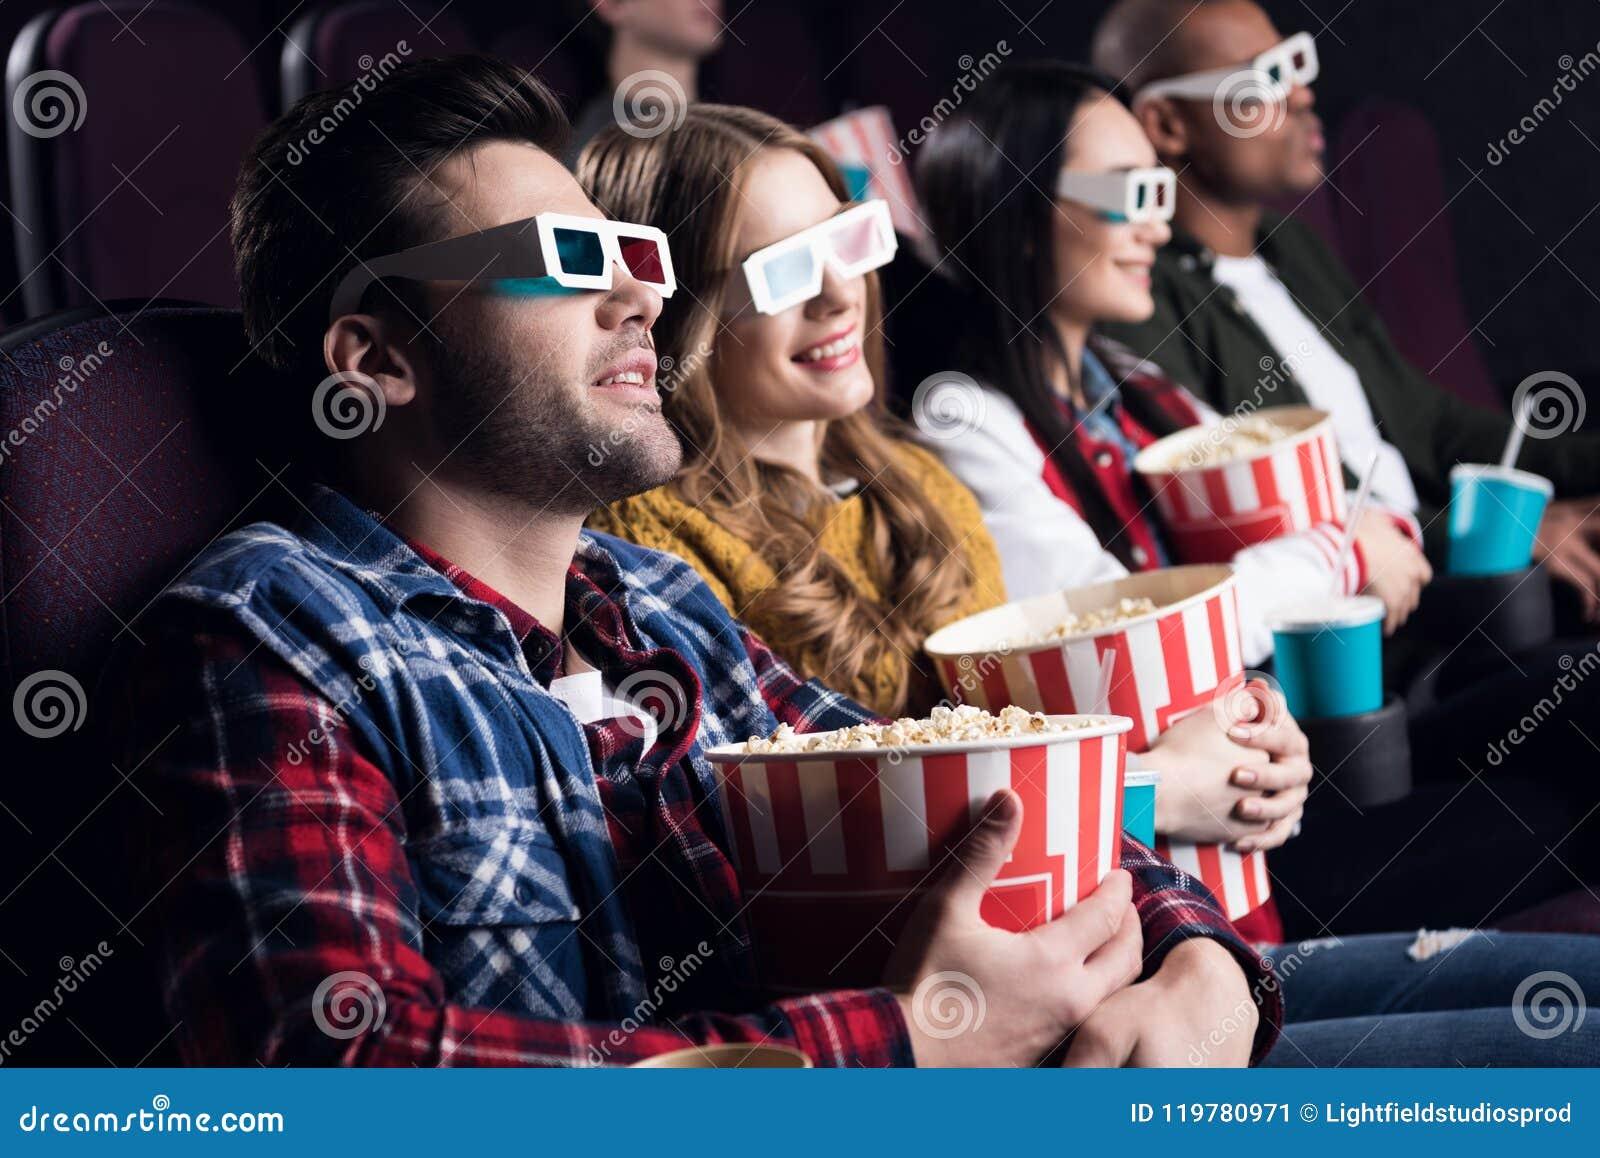 Młodzi przyjaciele w 3d szkłach z popkornu i sody dopatrywania filmem